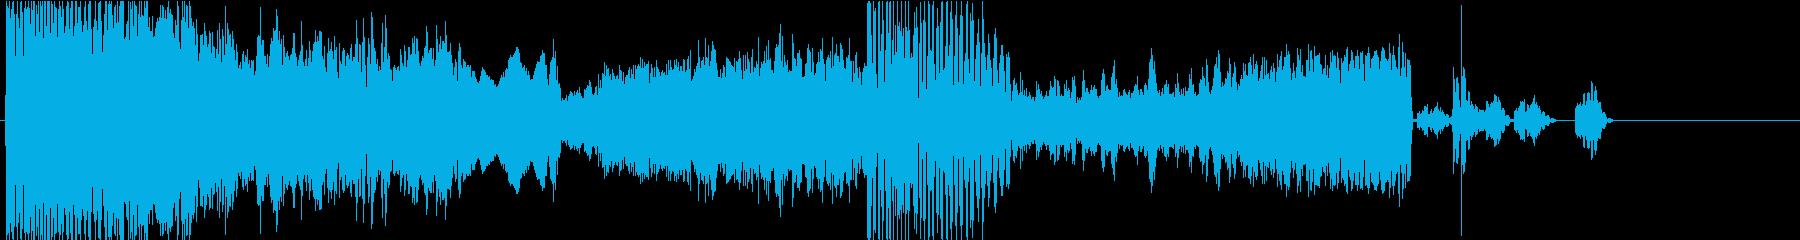 攻撃的なものの再生済みの波形